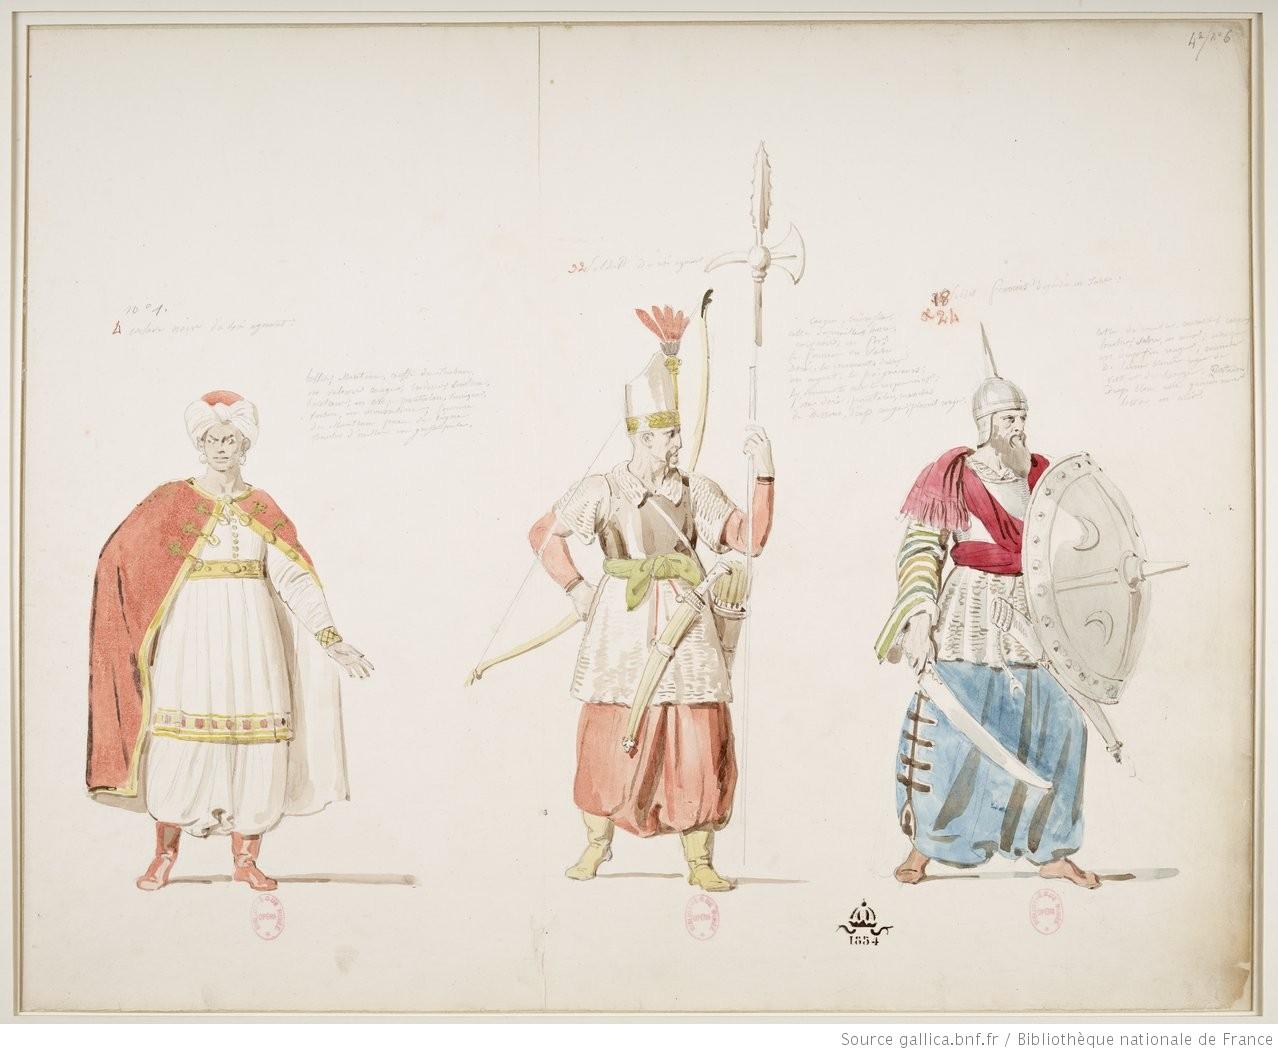 Esclave noir du roi d'Agorante / Soldat du roi d'Agorante / Soldat français déguisé en turc : [1824] : [maquette de costume] / [Alexandre-Evariste Fragonard]